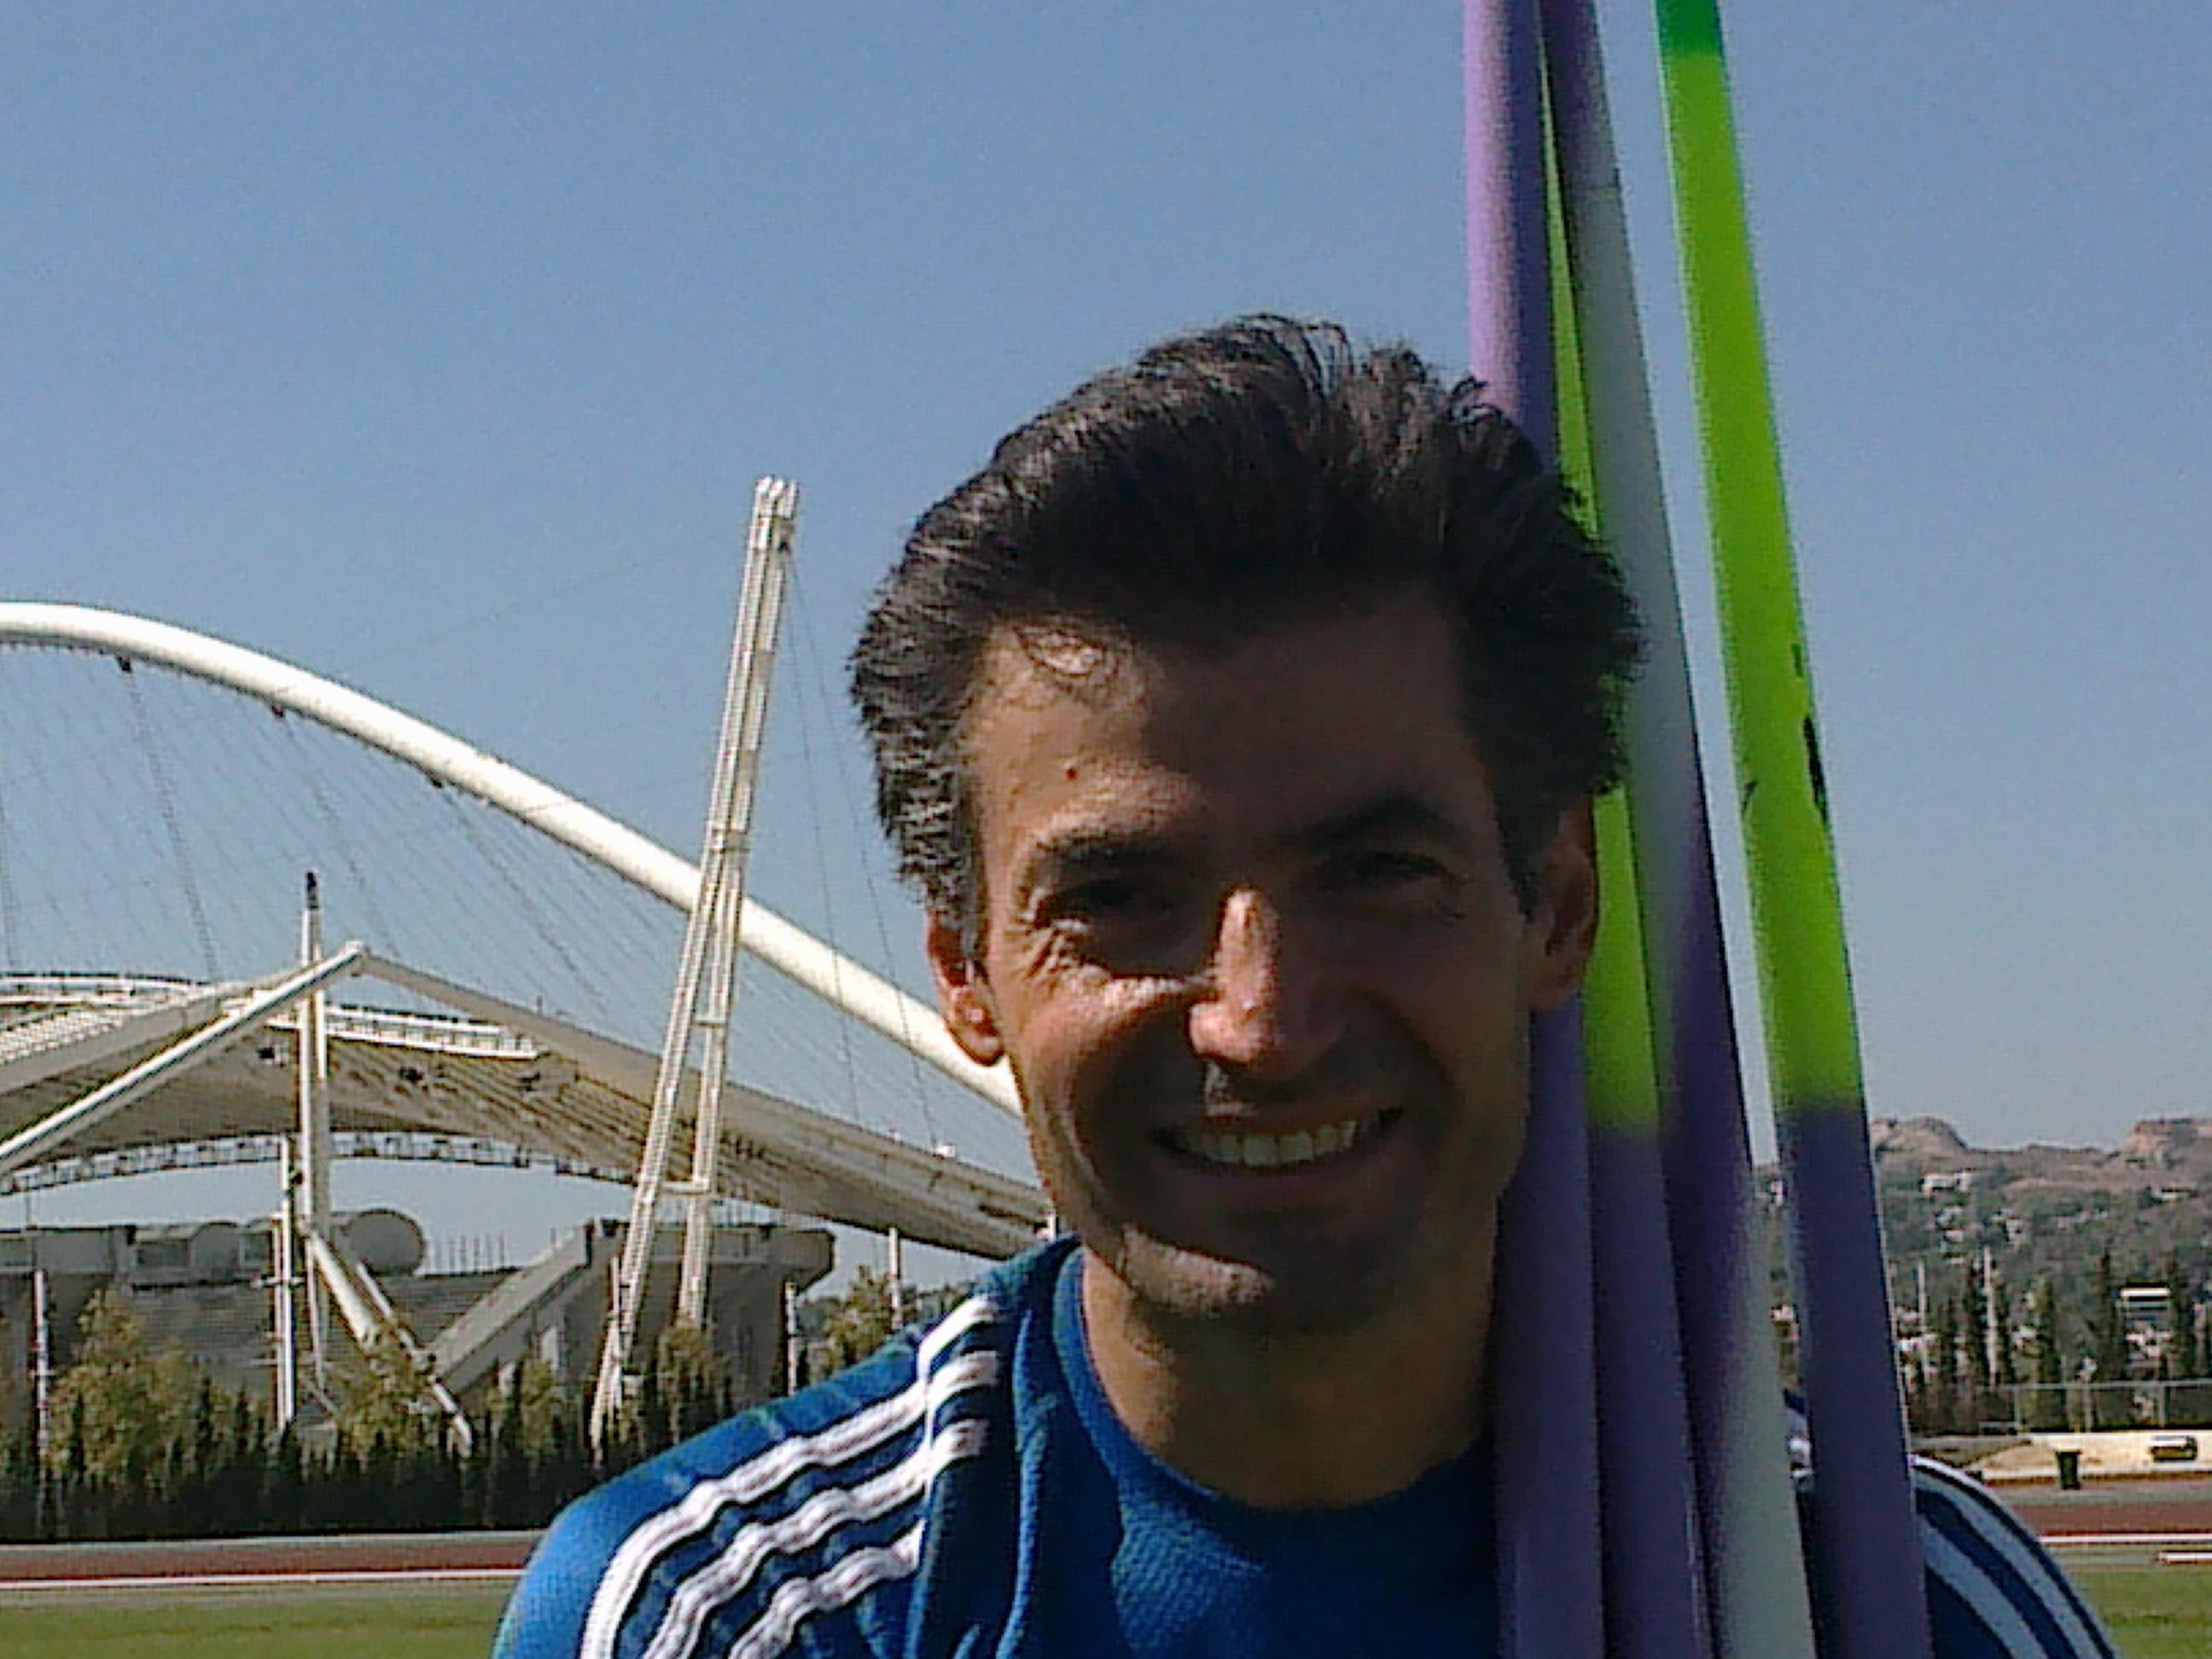 Αθλητισμός Νίκος Μιχαλόπουλος, Τρόπος ζωής